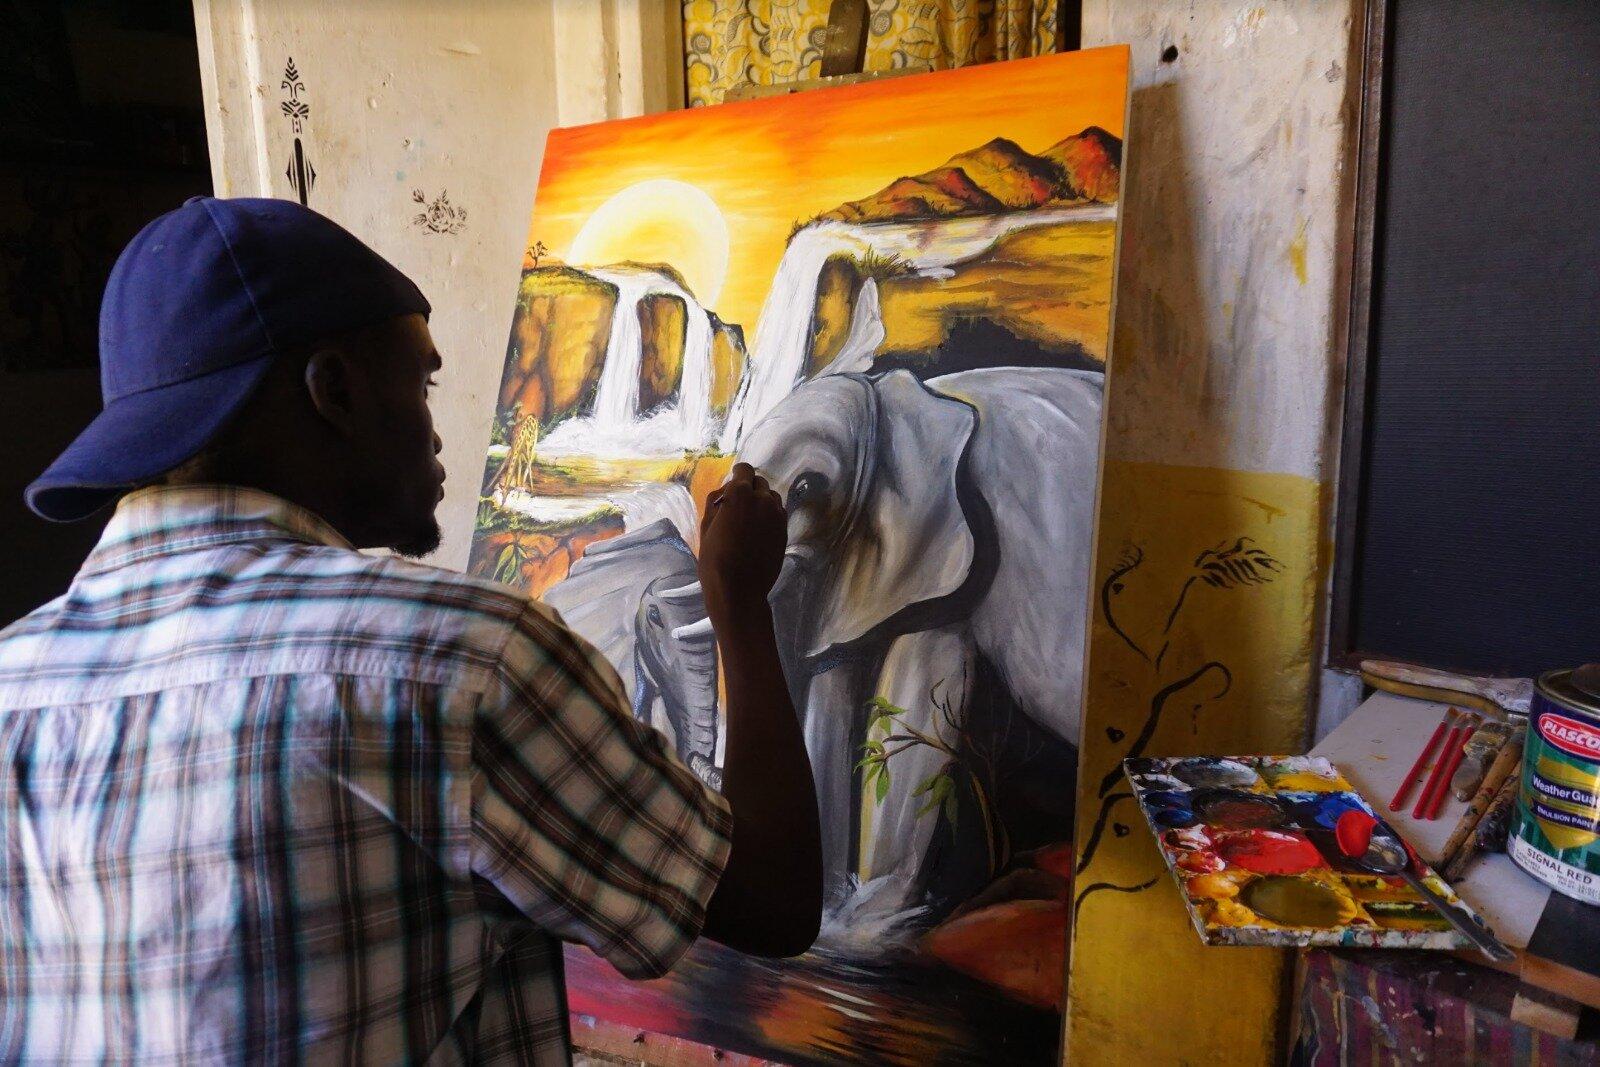 Artisan Impact Gallery & Benefit Event Featured Artist: Dorset Carroll (Gulu, Uganda)